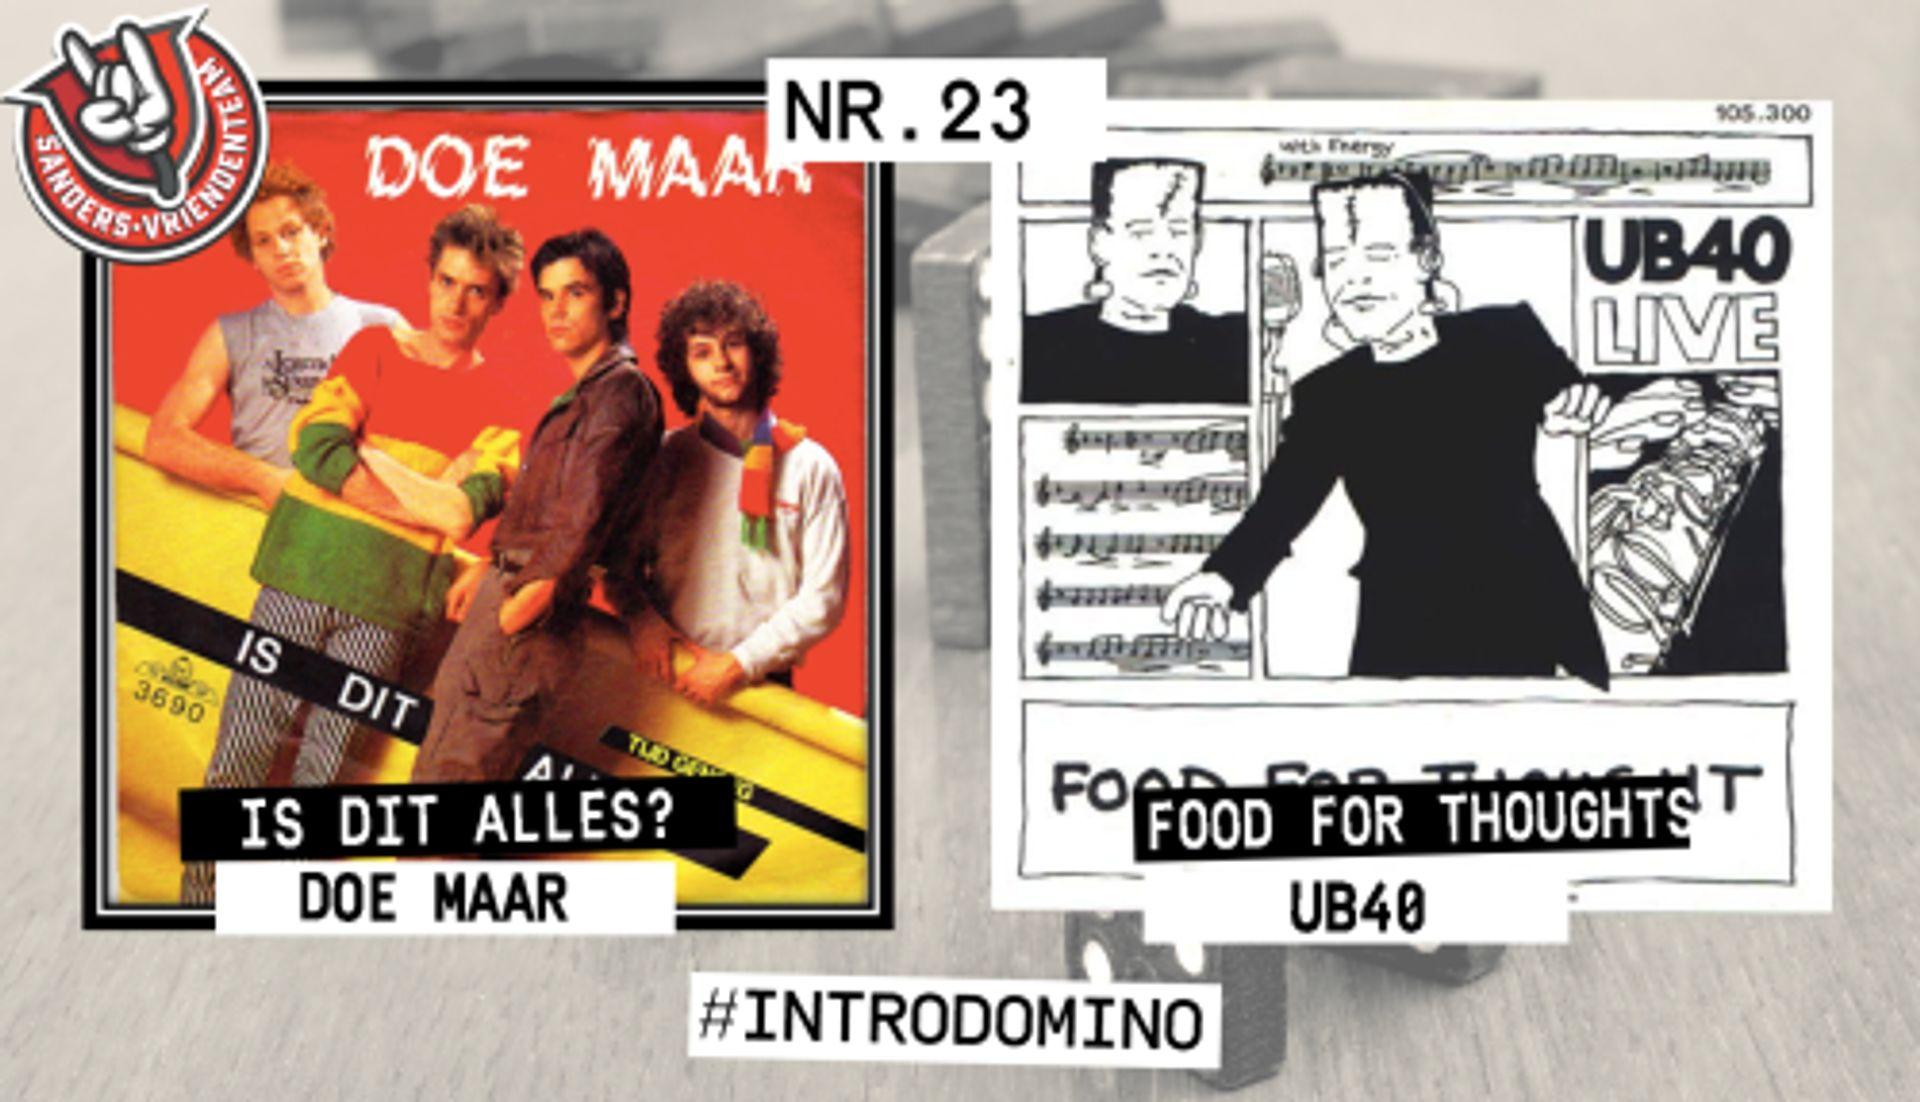 INTRO DOMINO: Doe Maar & UB40